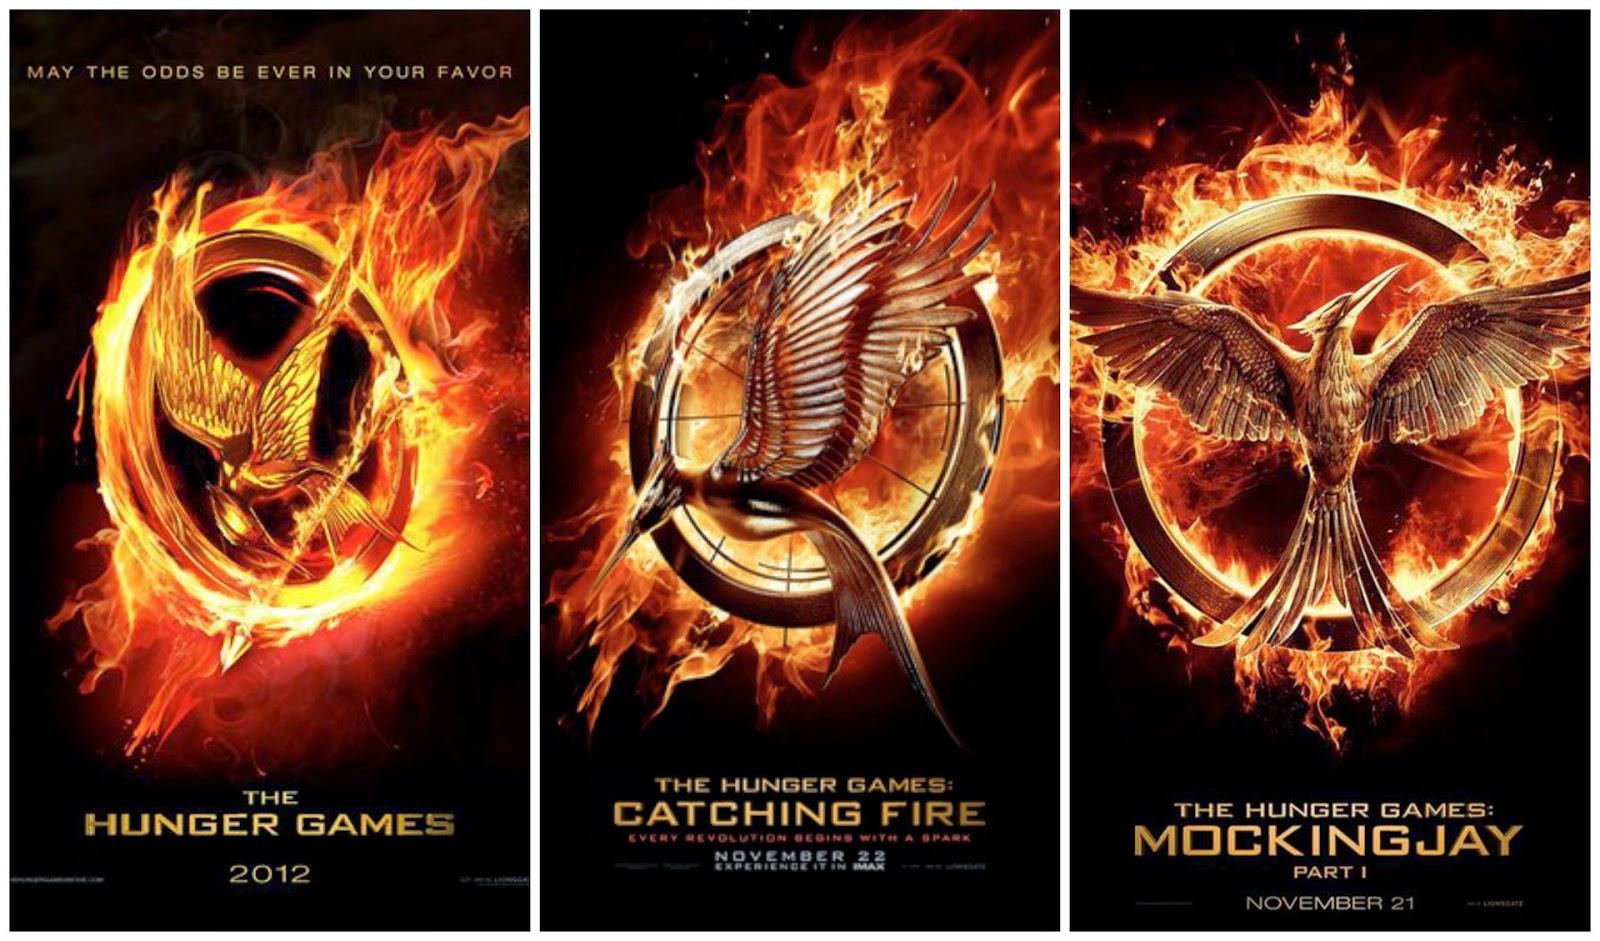 Hunger Games series - IMDb